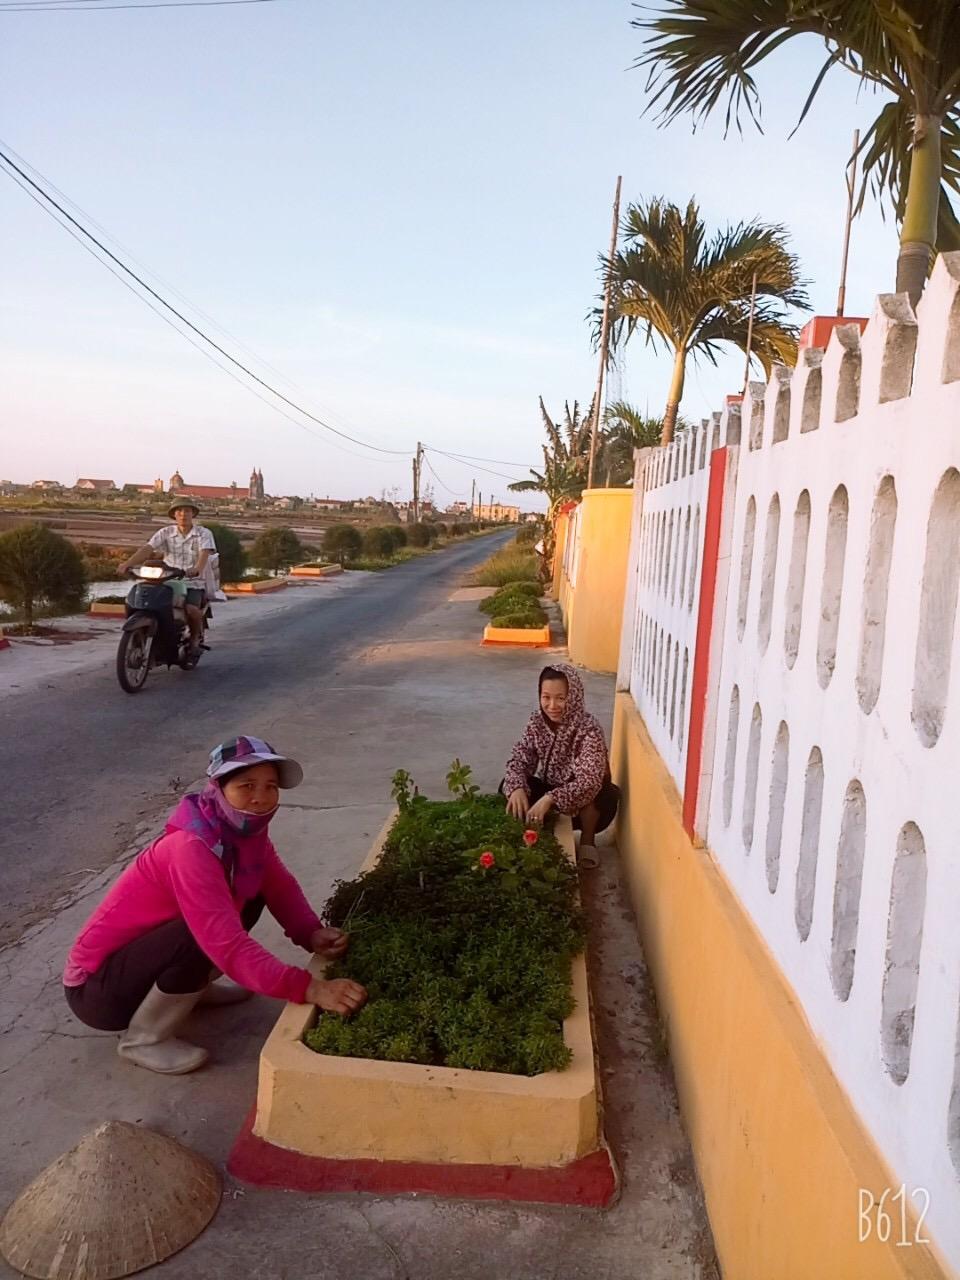 Chị Nguyễn Thị Tằm (bên trái) chăm sóc hoa kiểng trên tuyến đường của Xóm Trung Chính.